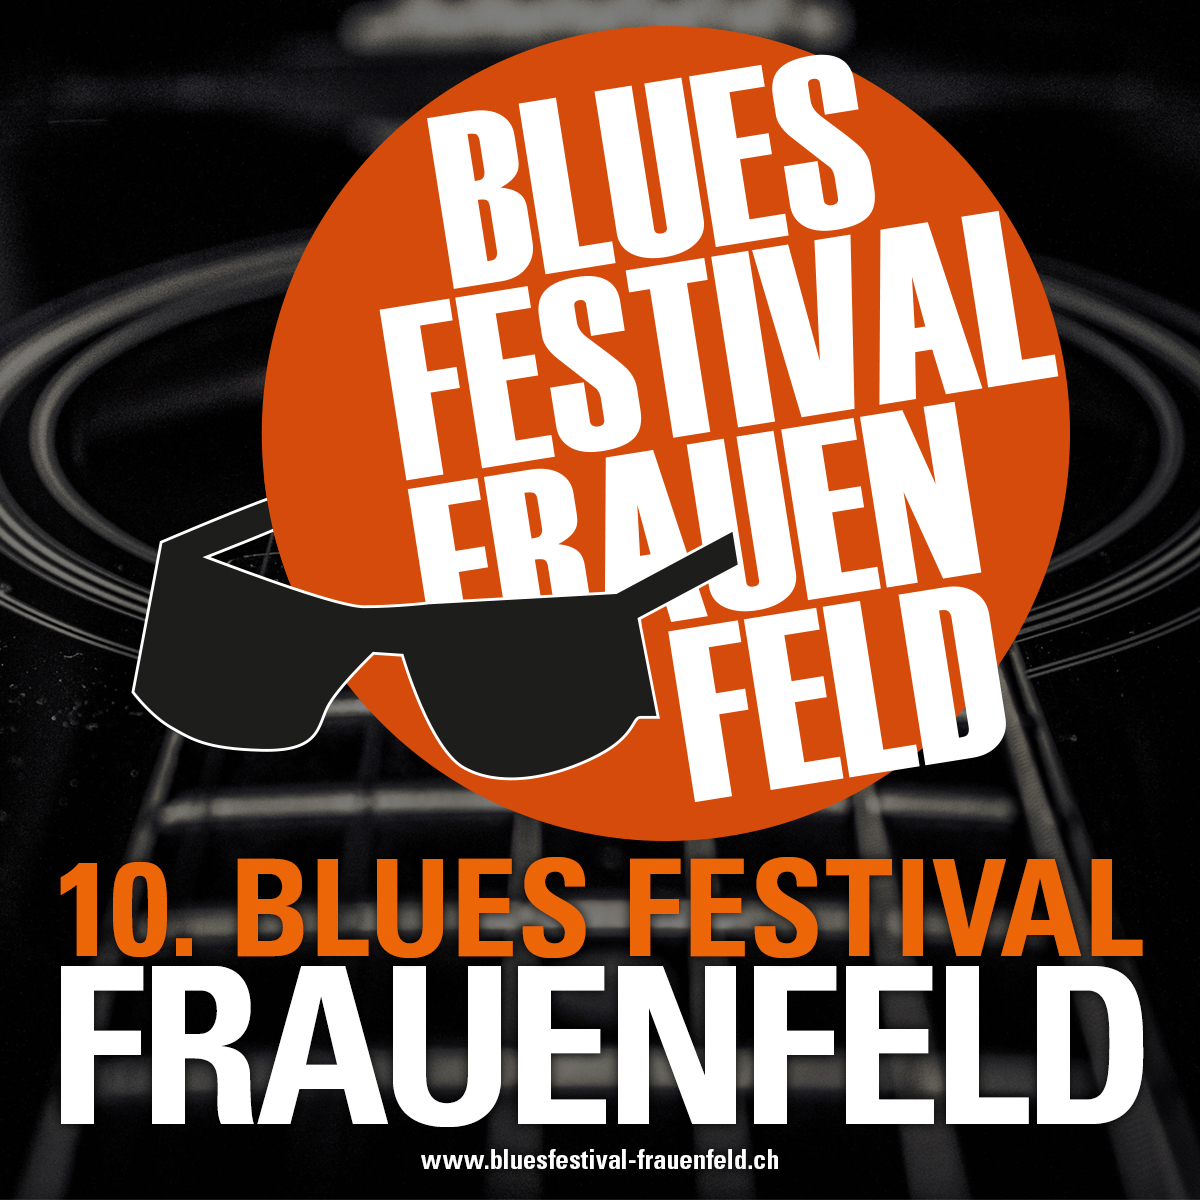 10. Blues Festival Frauenfeld